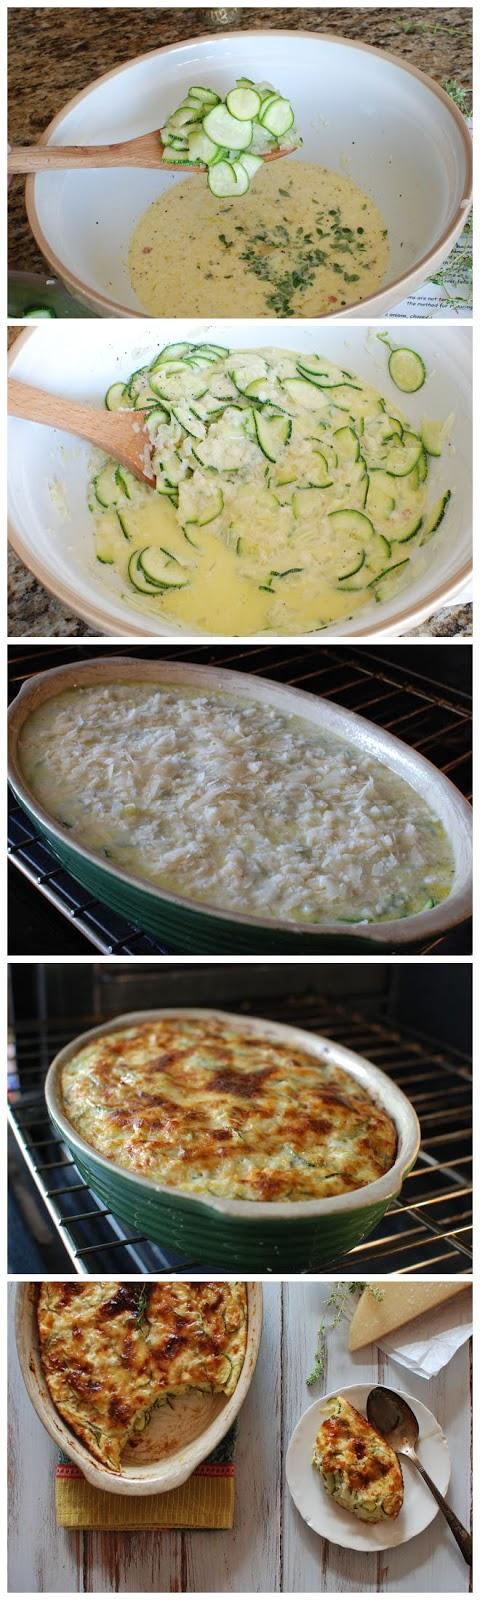 Zucchini-Gratin-Recipe